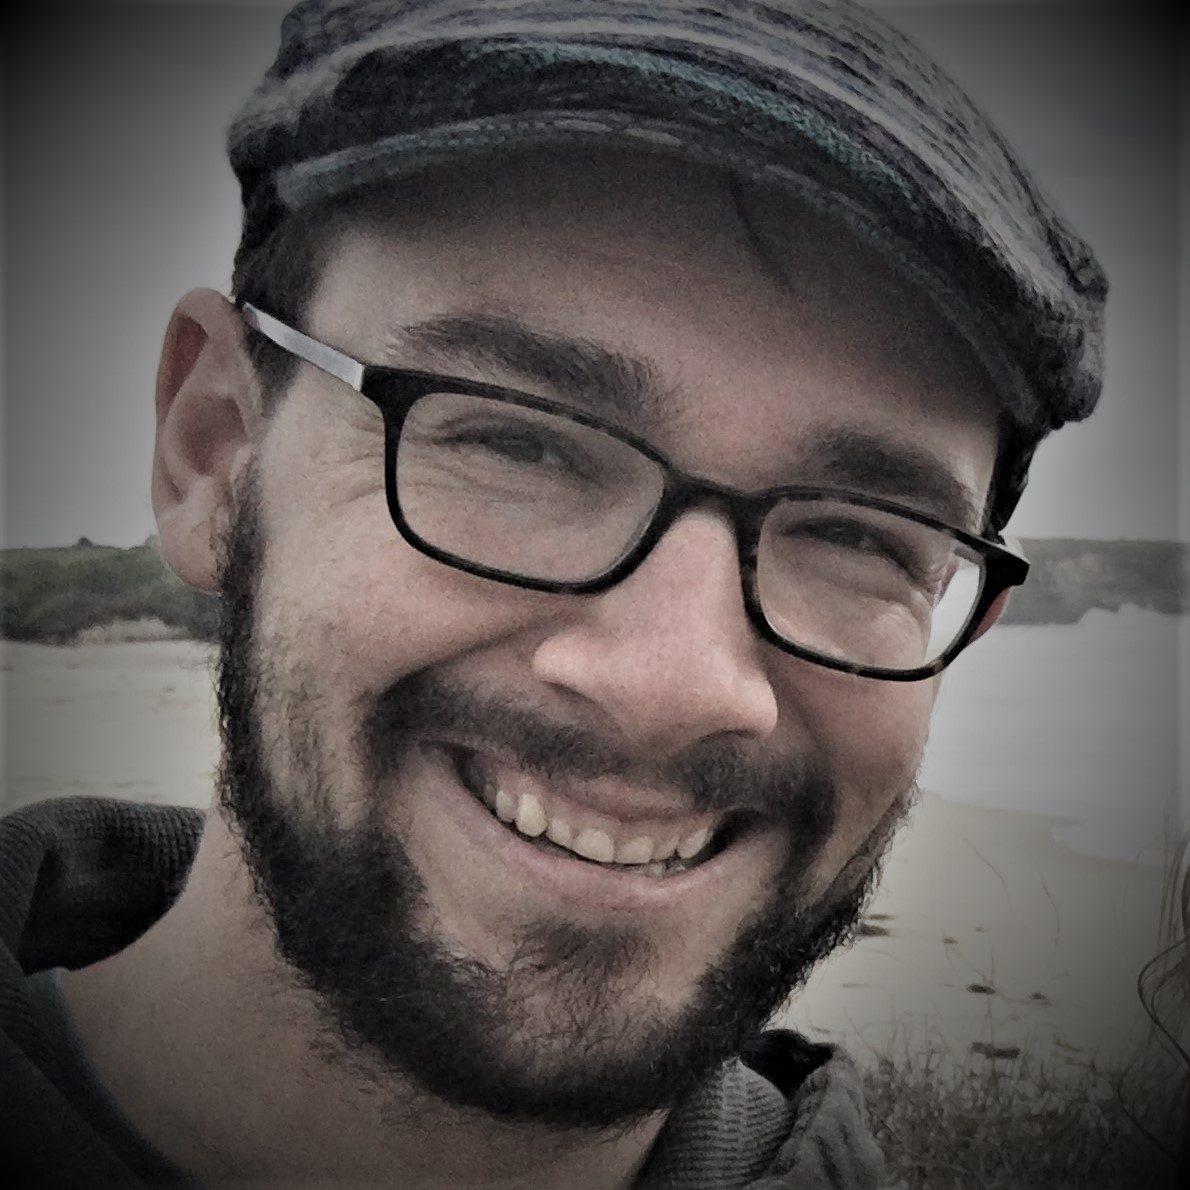 Rabbi Jay Asher LeVine